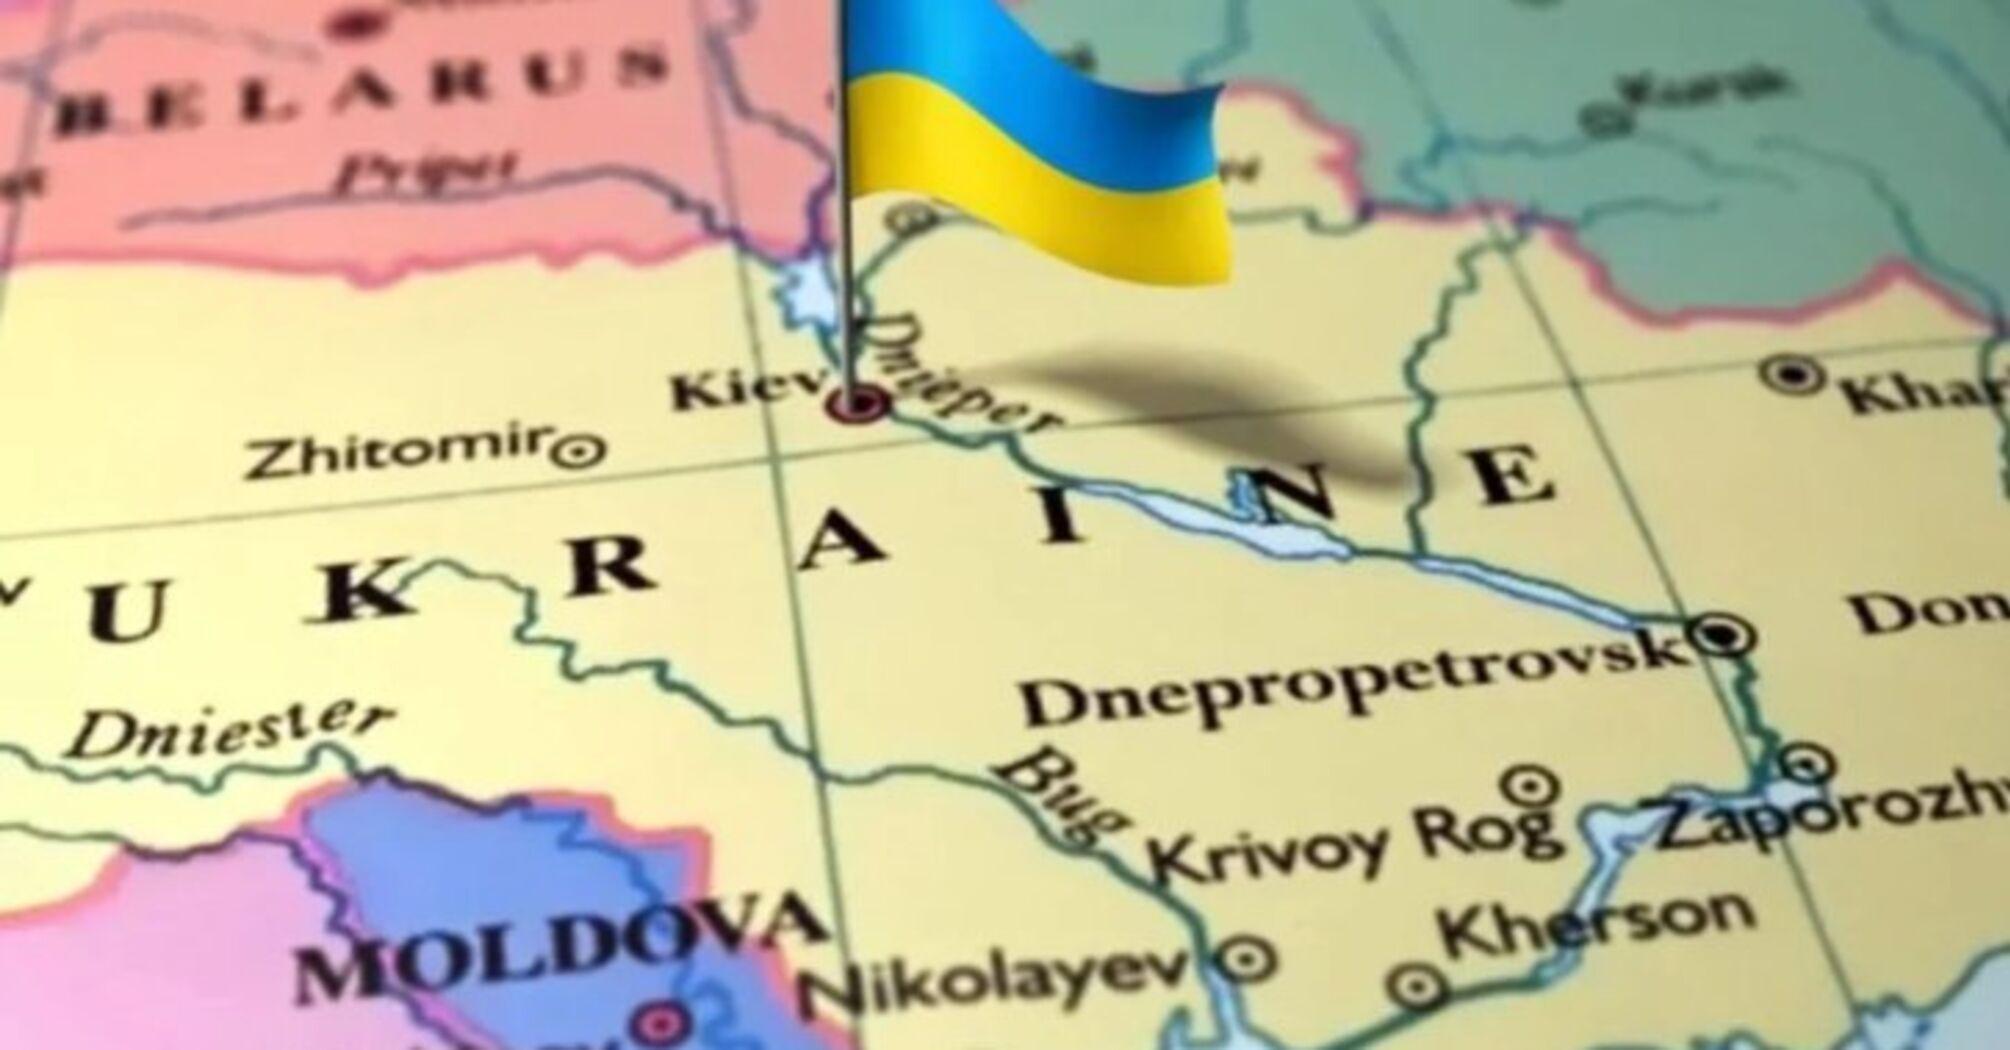 Децентралізація в Україні: зміни до Конституції будуть єдині для всіх регіонів